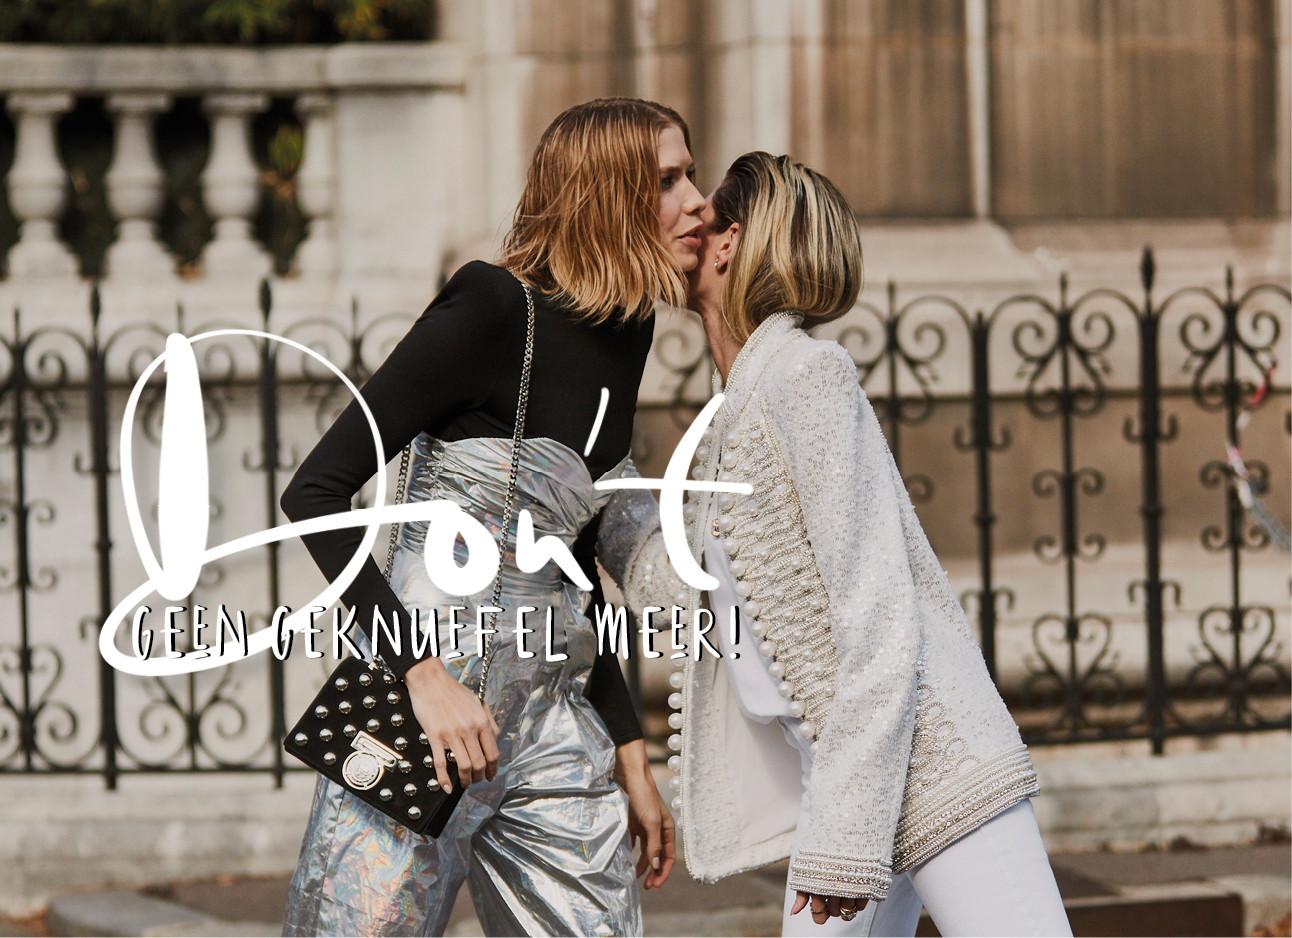 vrouwen zeggen elkaar gedag op straat